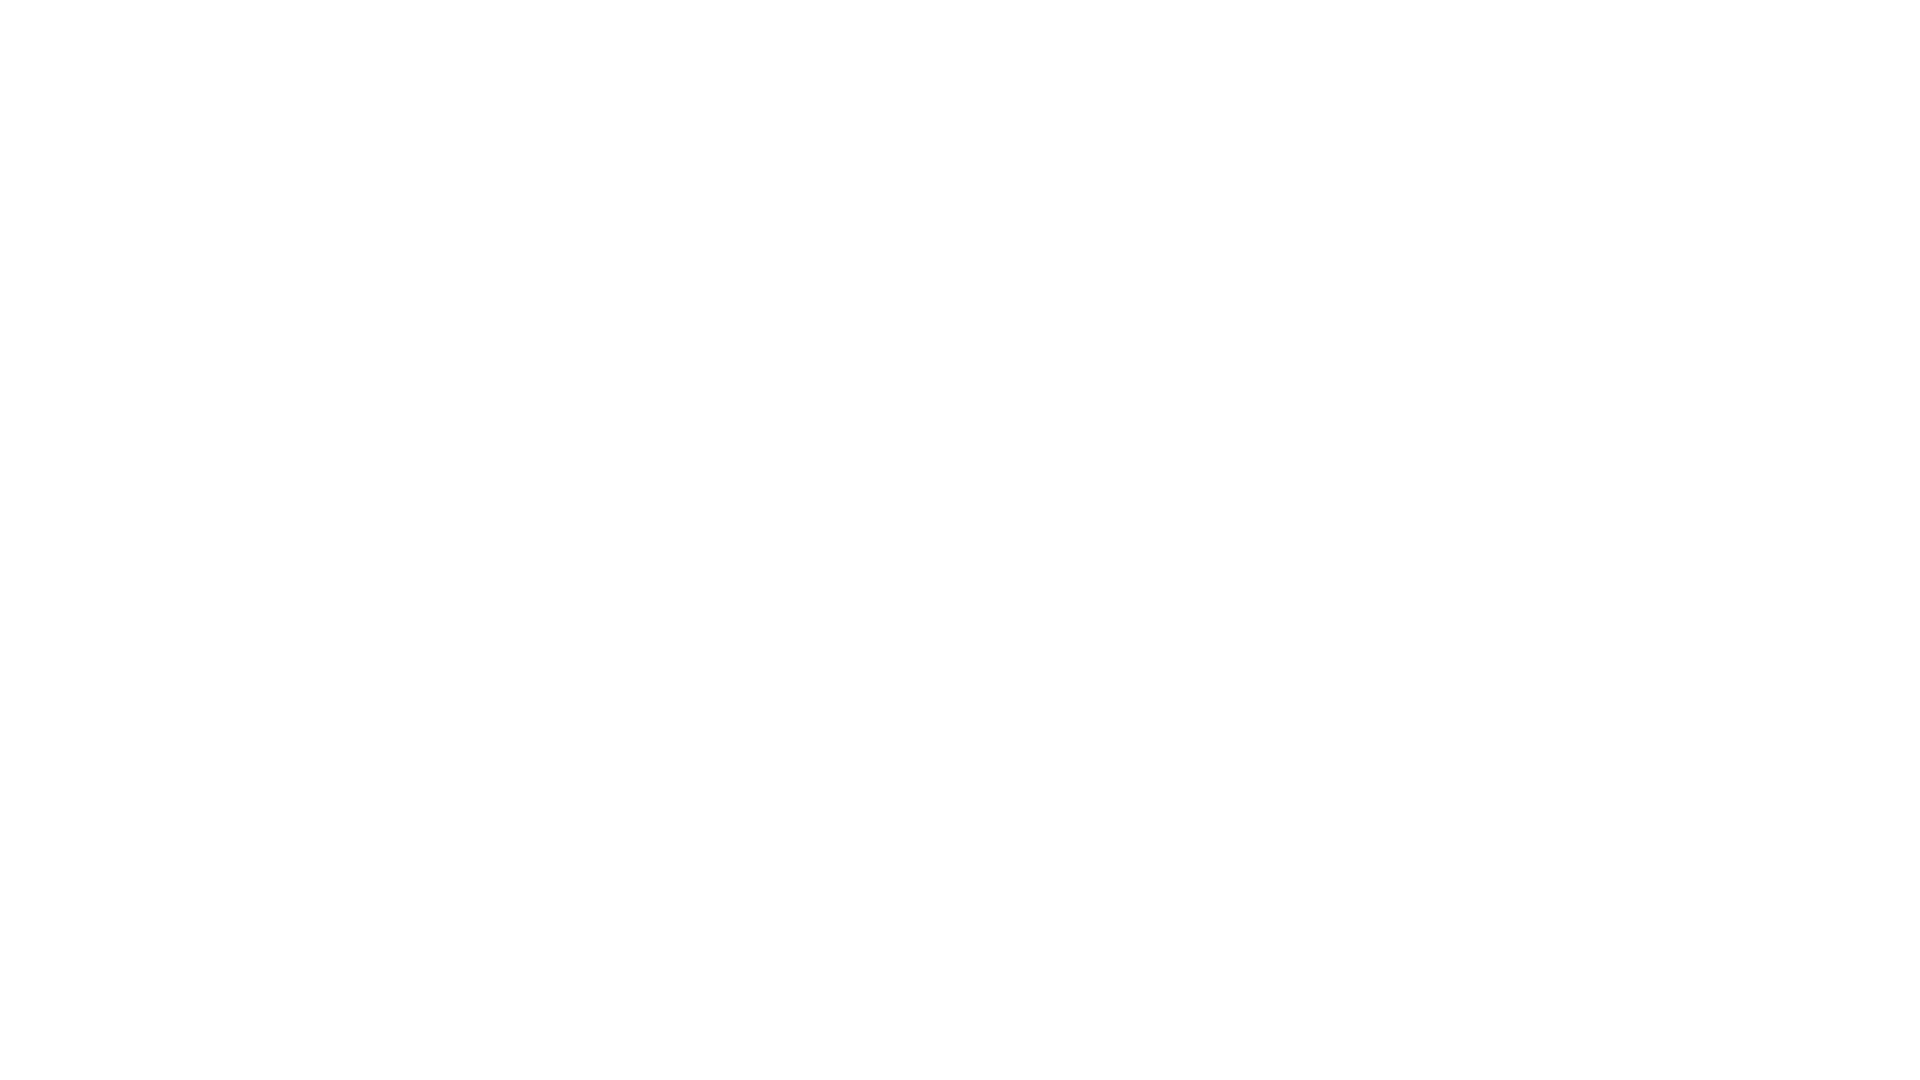 ※100個限定販売 至高下半身盗撮 プレミアム Vol.23 ハイビジョン 2011名作 ワレメ無修正動画無料 88画像 79